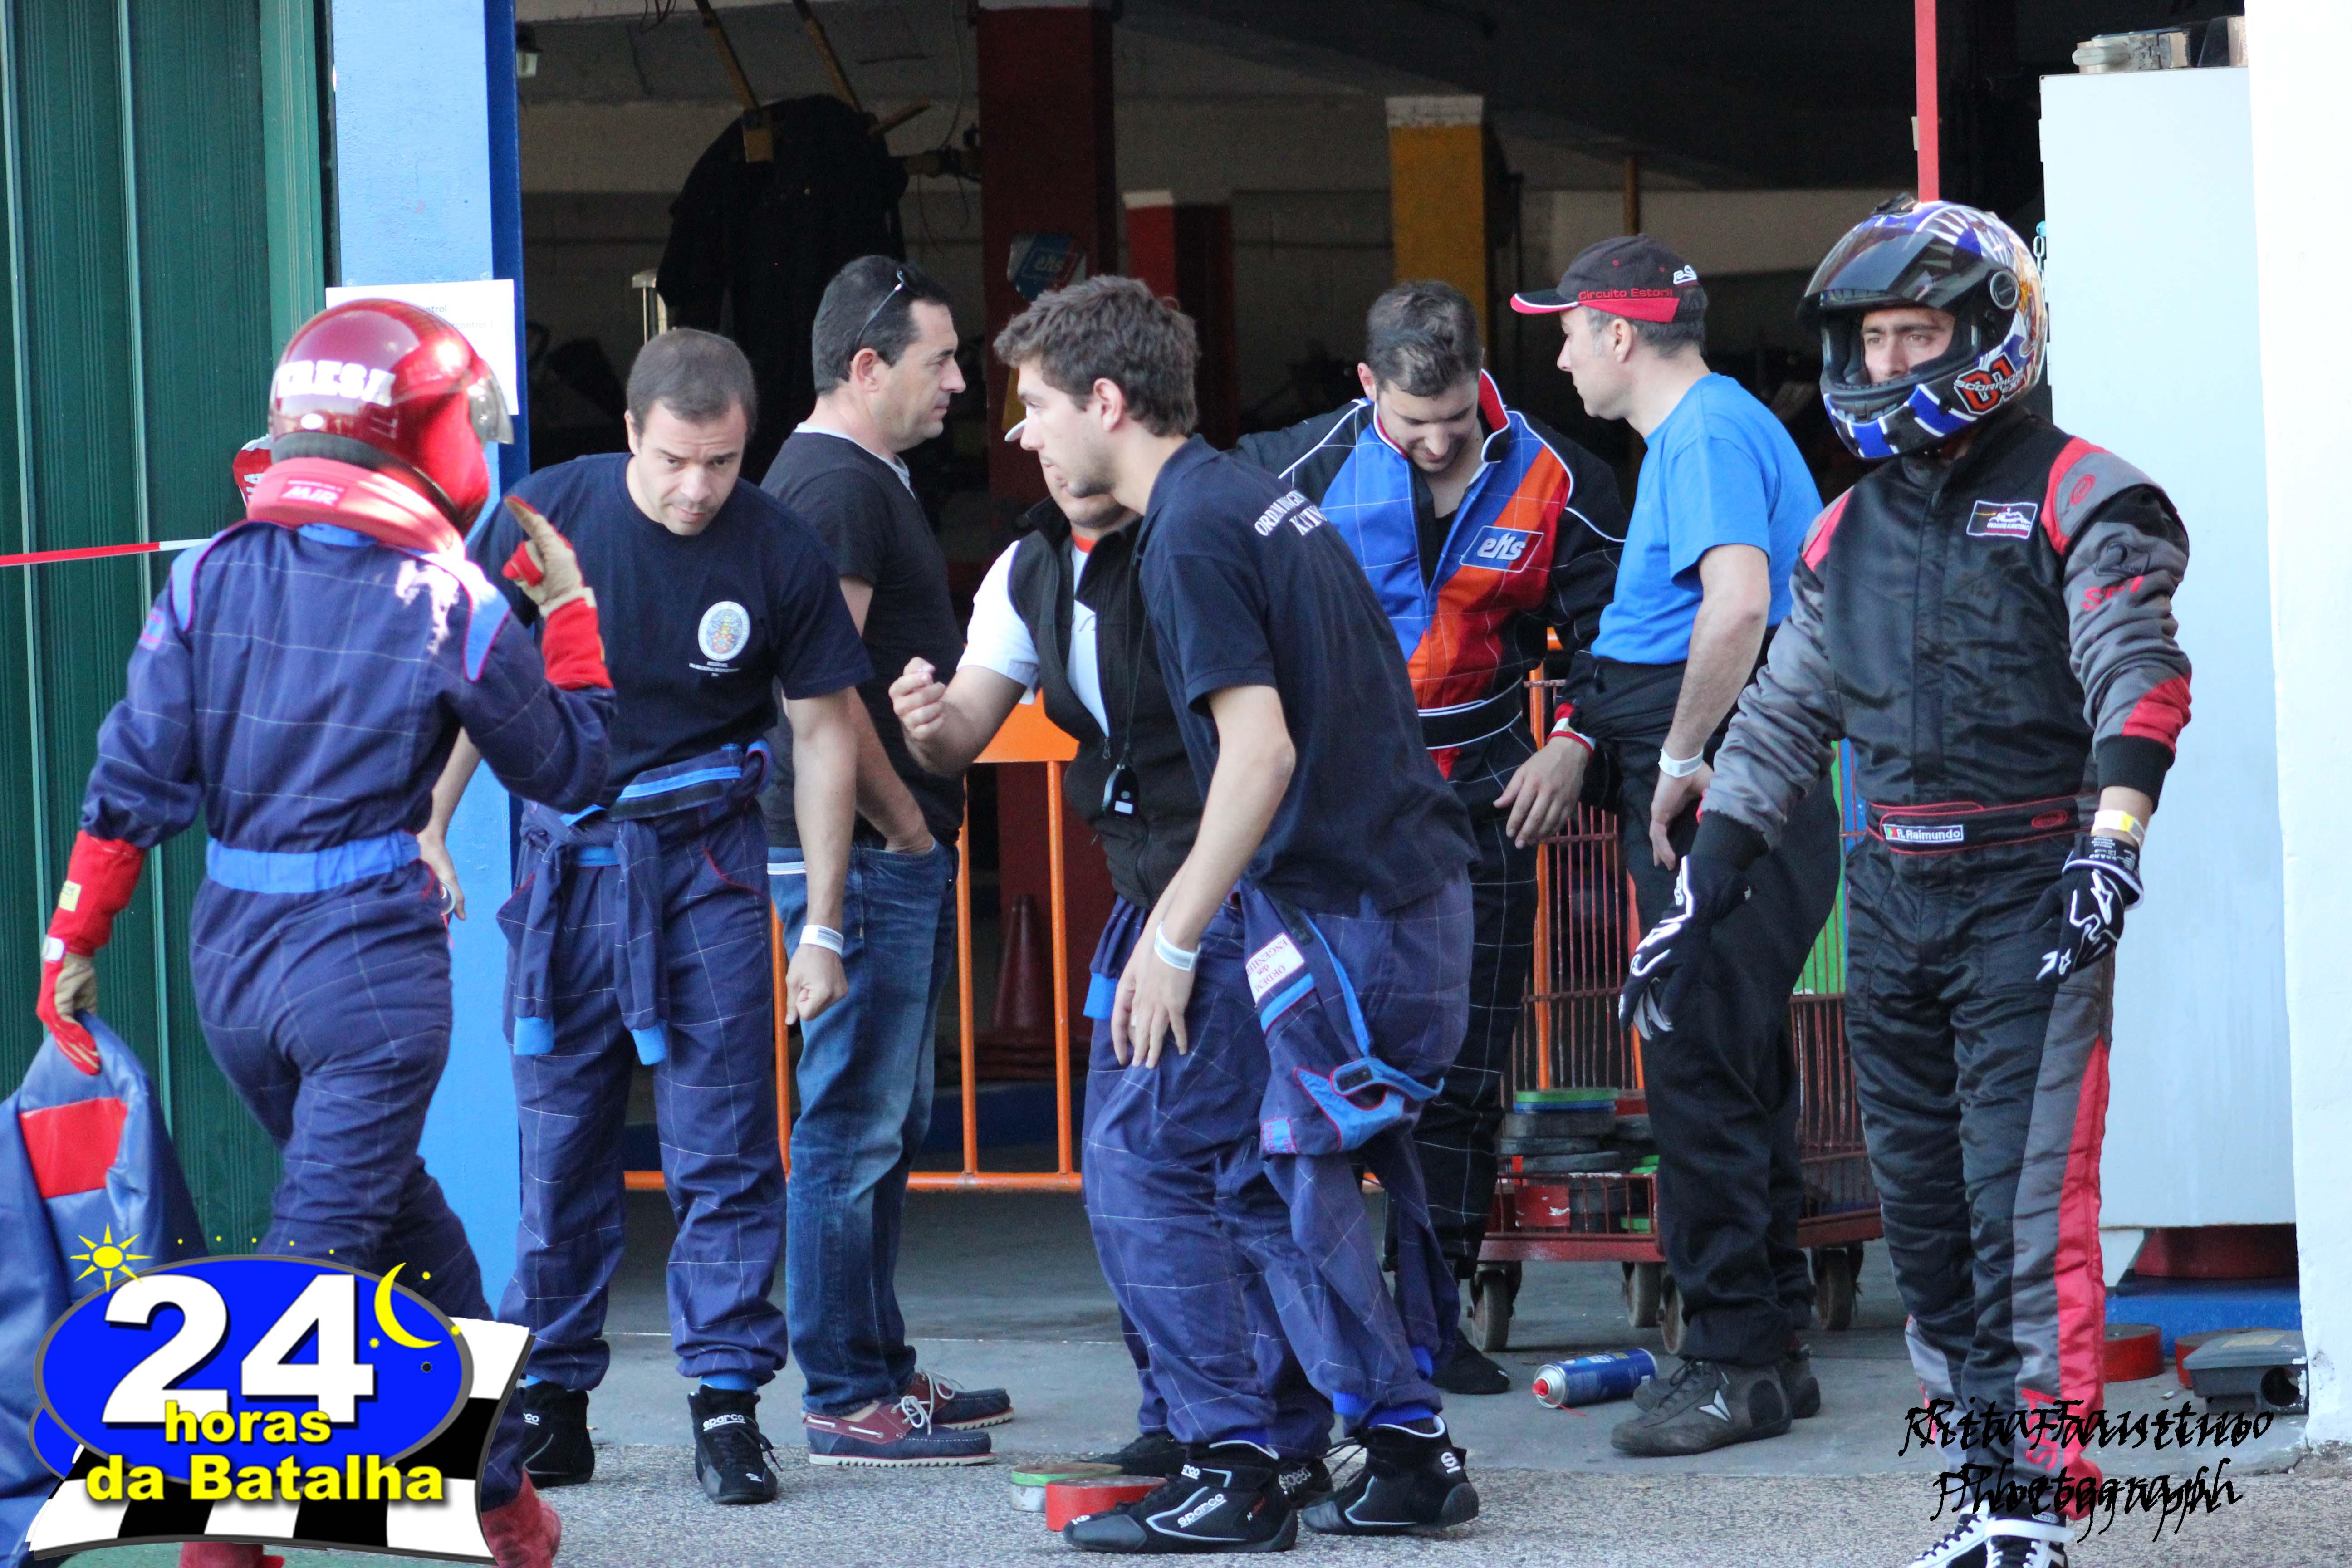 24 Horas da Batalha 2015 - Troca de pilotos8